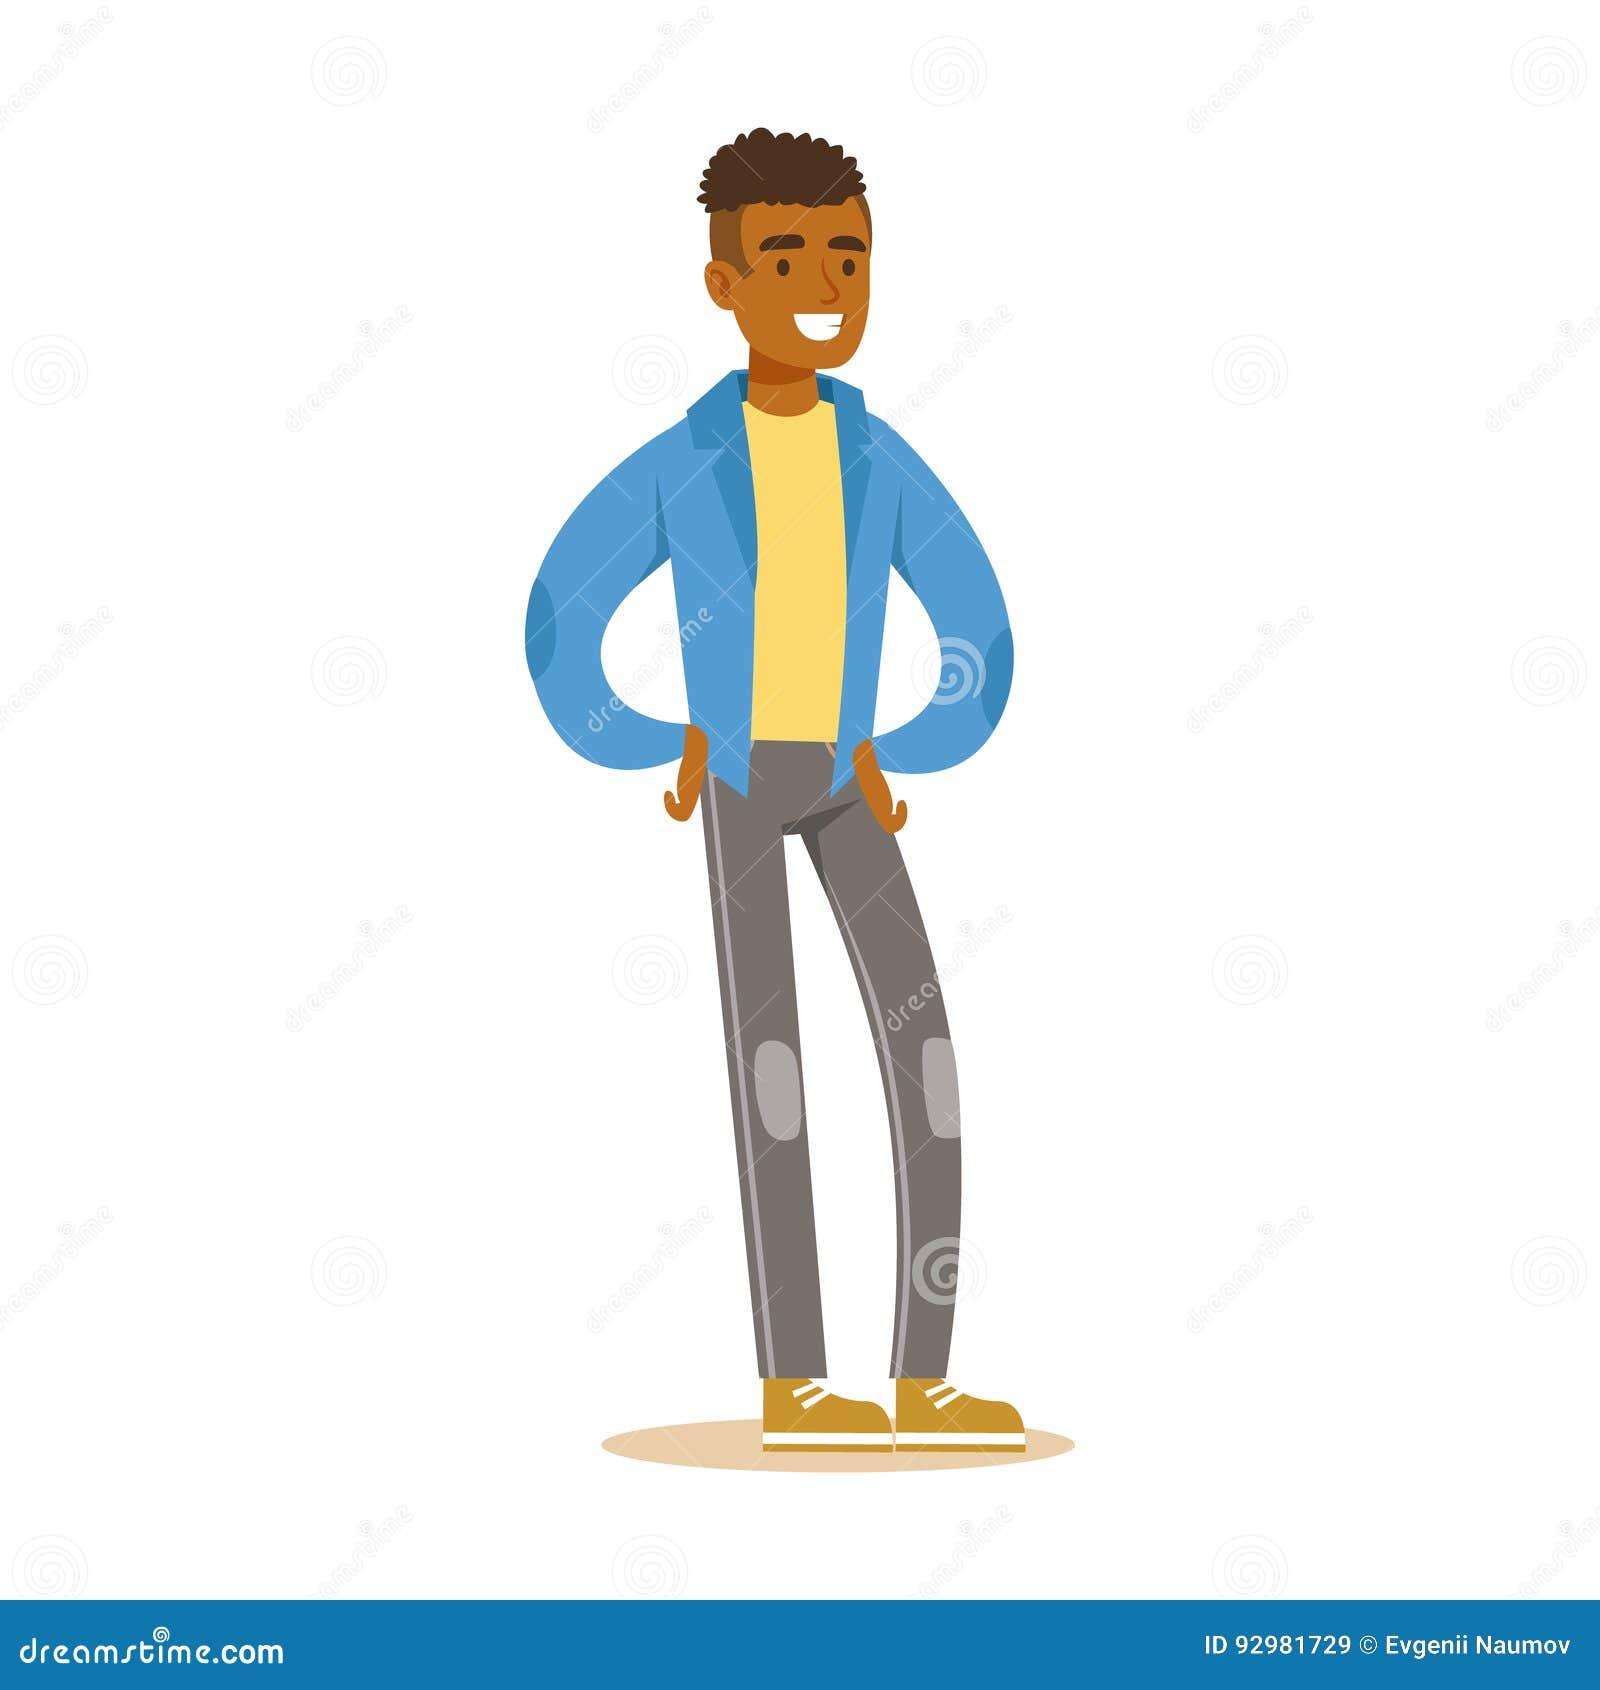 Χαμογελώντας περιστασιακό νέο αφρικανικό άτομο στη στάση μπλε ζακετών Ζωηρόχρωμη διανυσματική απεικόνιση χαρακτήρα κινουμένων σχε